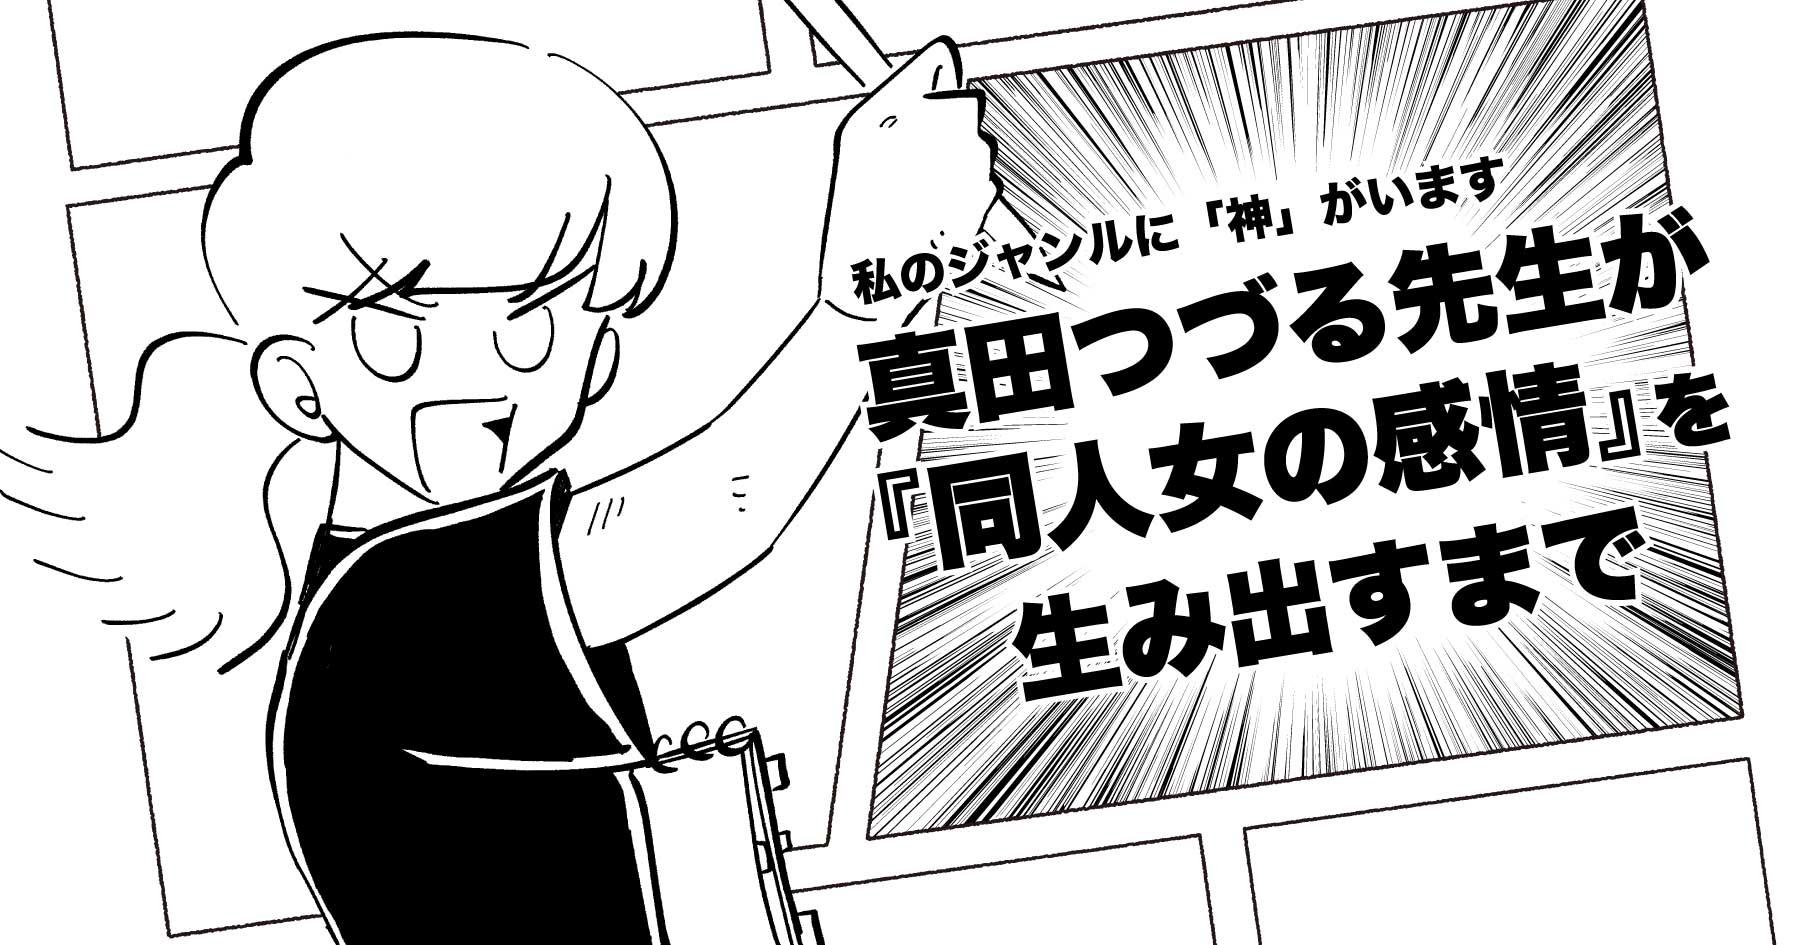 マンガノ真田ちづるさんインタビューメインカット